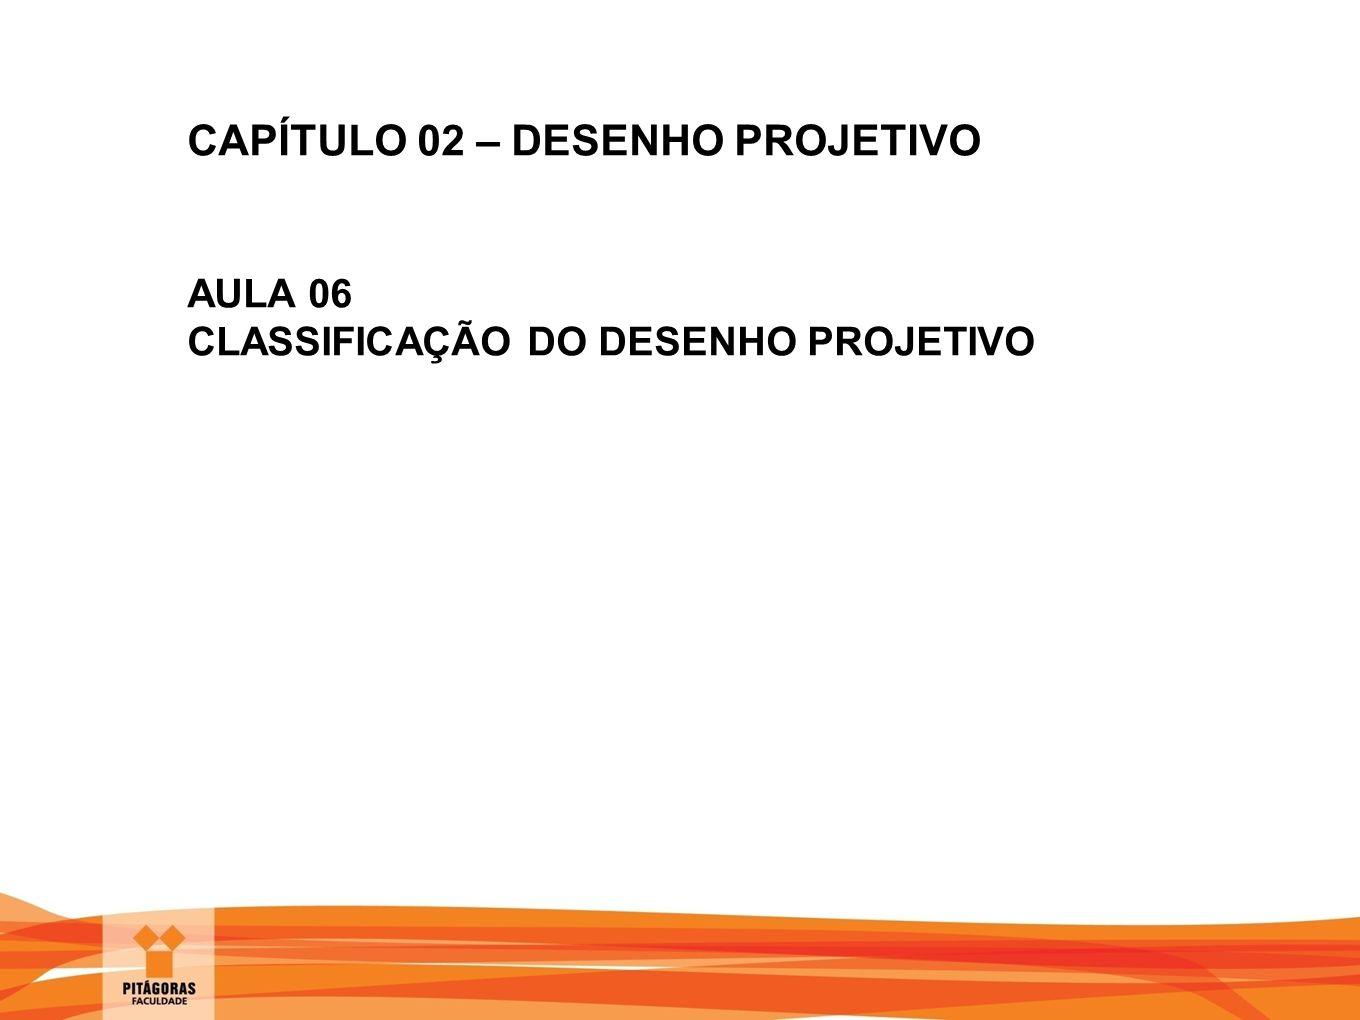 CAPÍTULO 02 – DESENHO PROJETIVO